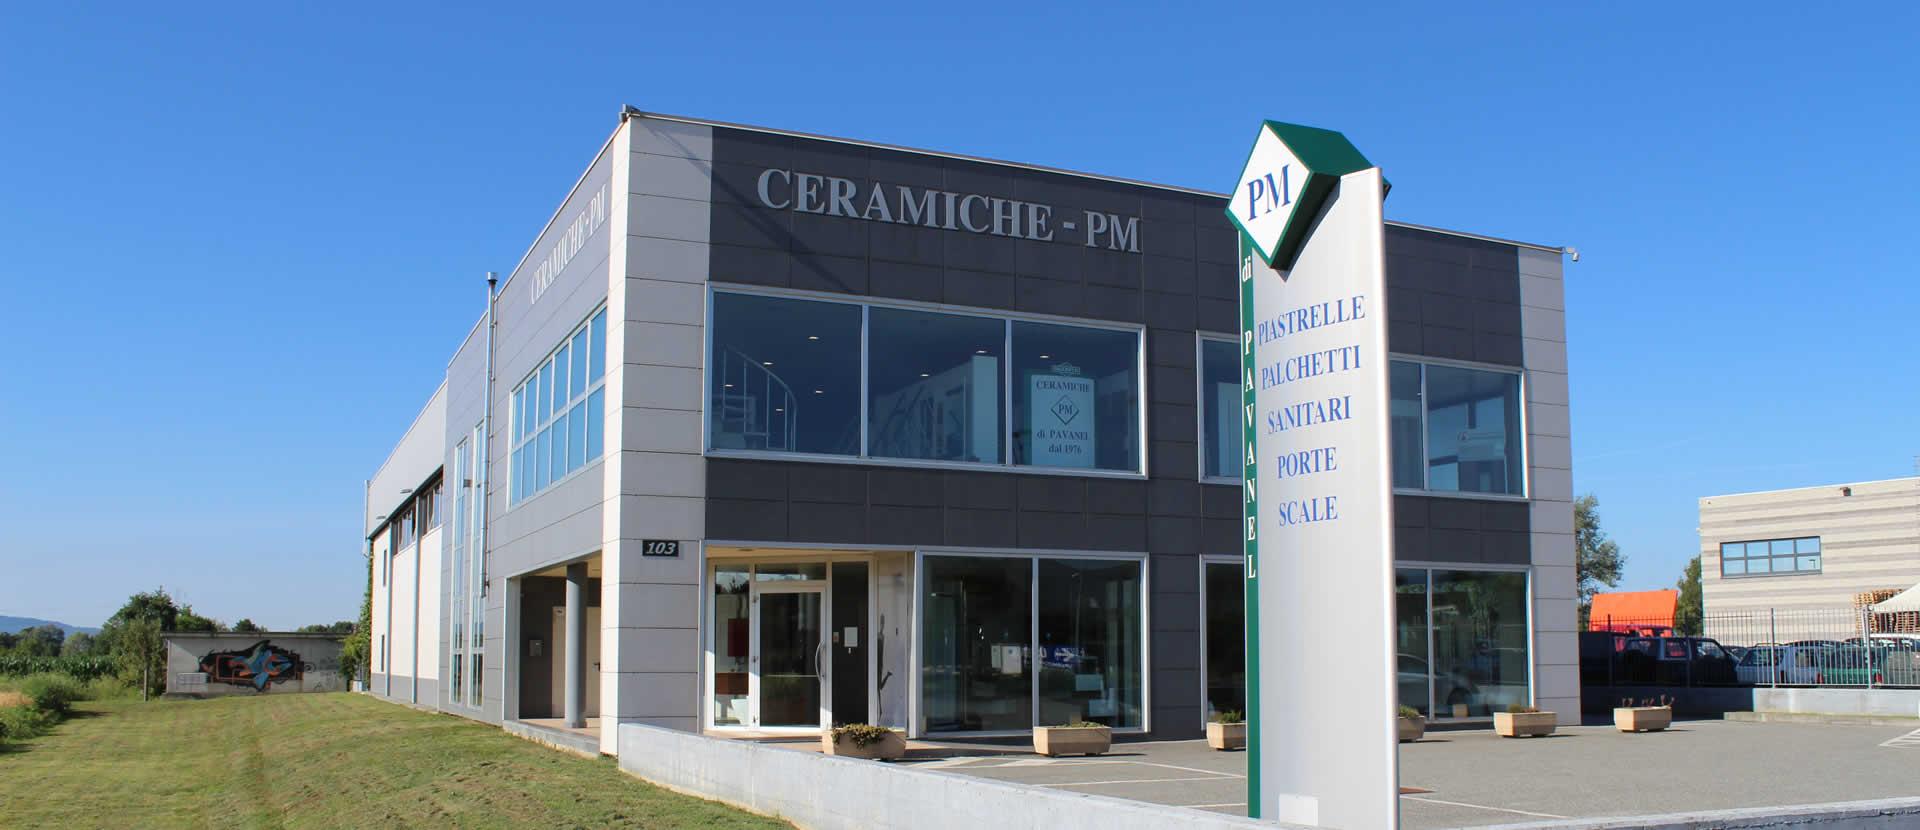 ceramiche-pm-1